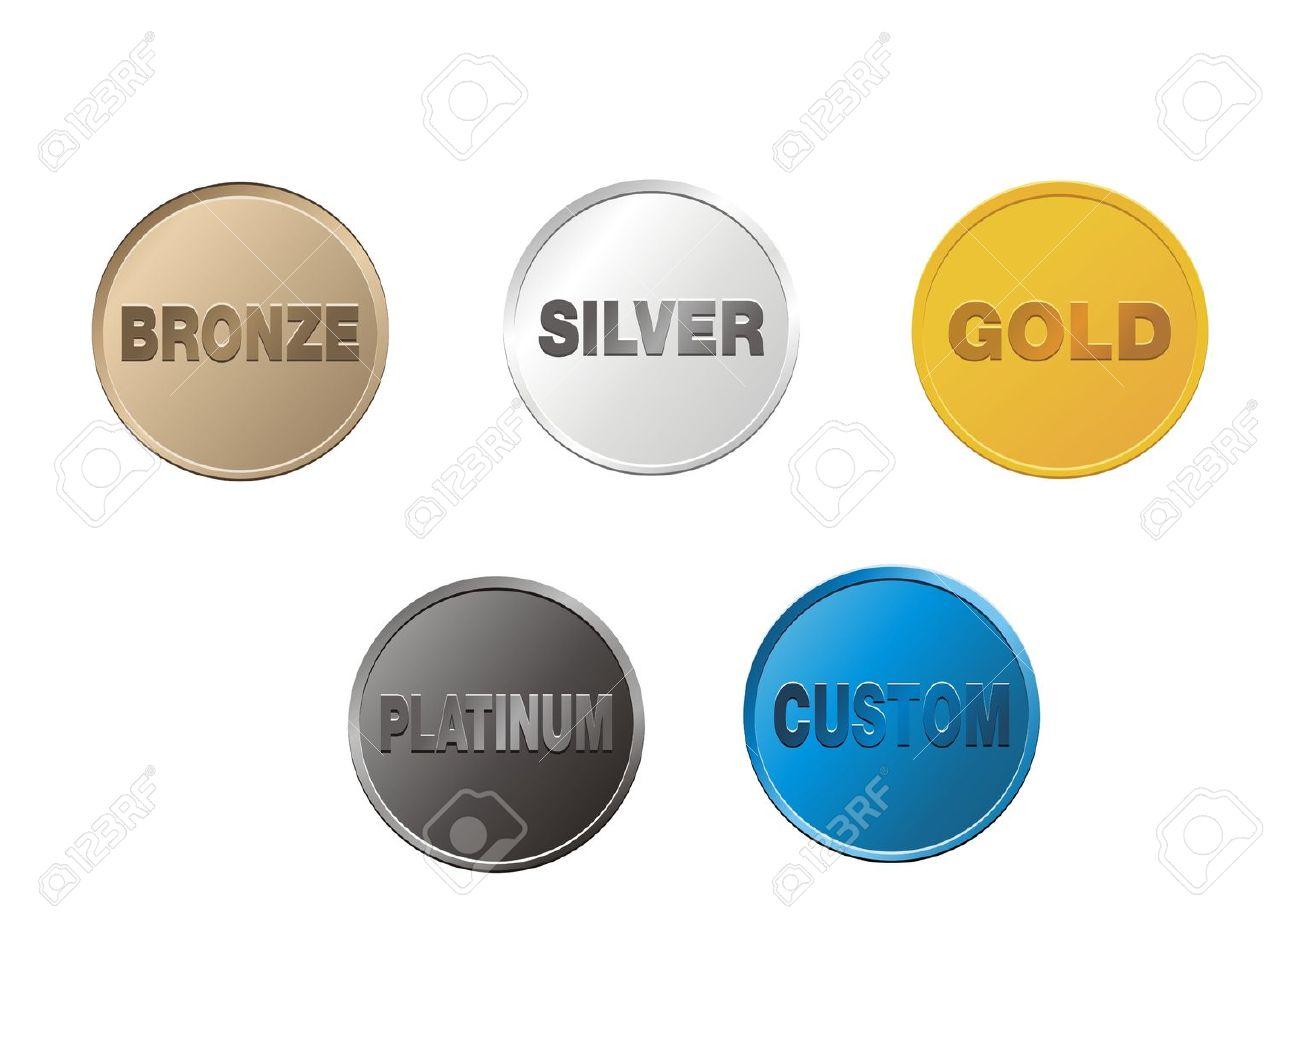 Platinum color clipart.